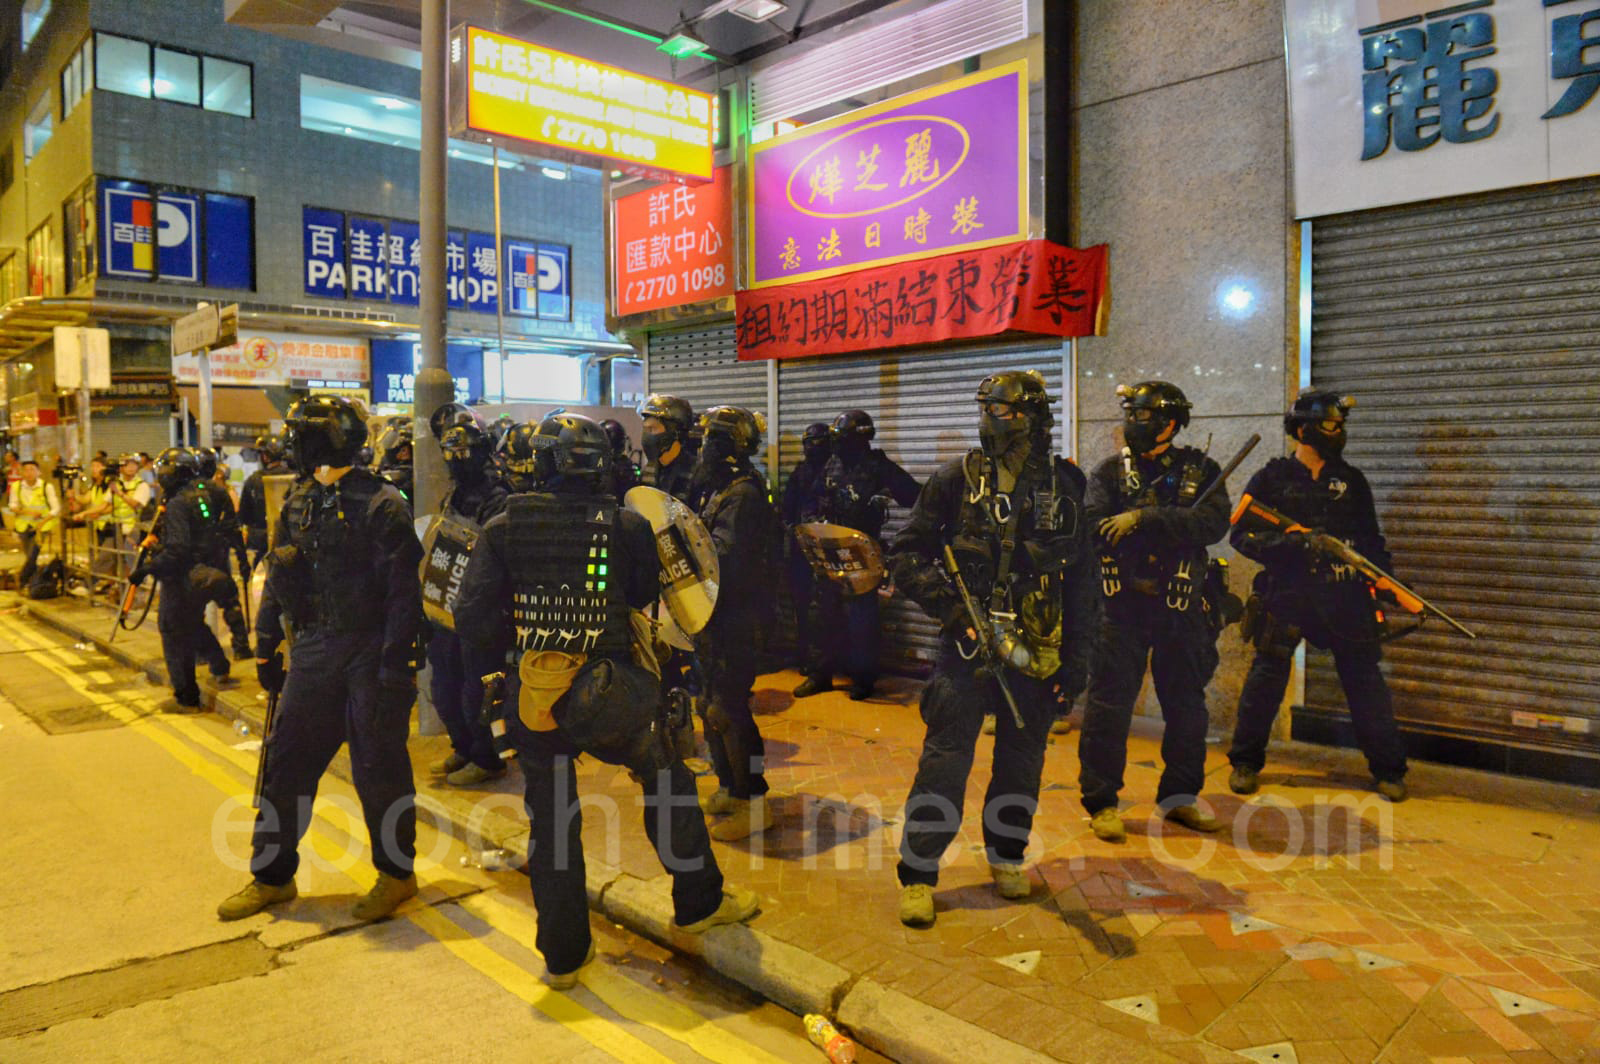 7日晚在旺角,太子站一帶,速龍粗暴抓捕示威者,引起眾怒,民眾奮起反擊,把速龍和防暴警察趕進警察體育遊樂會。(宋碧龍/大紀元)